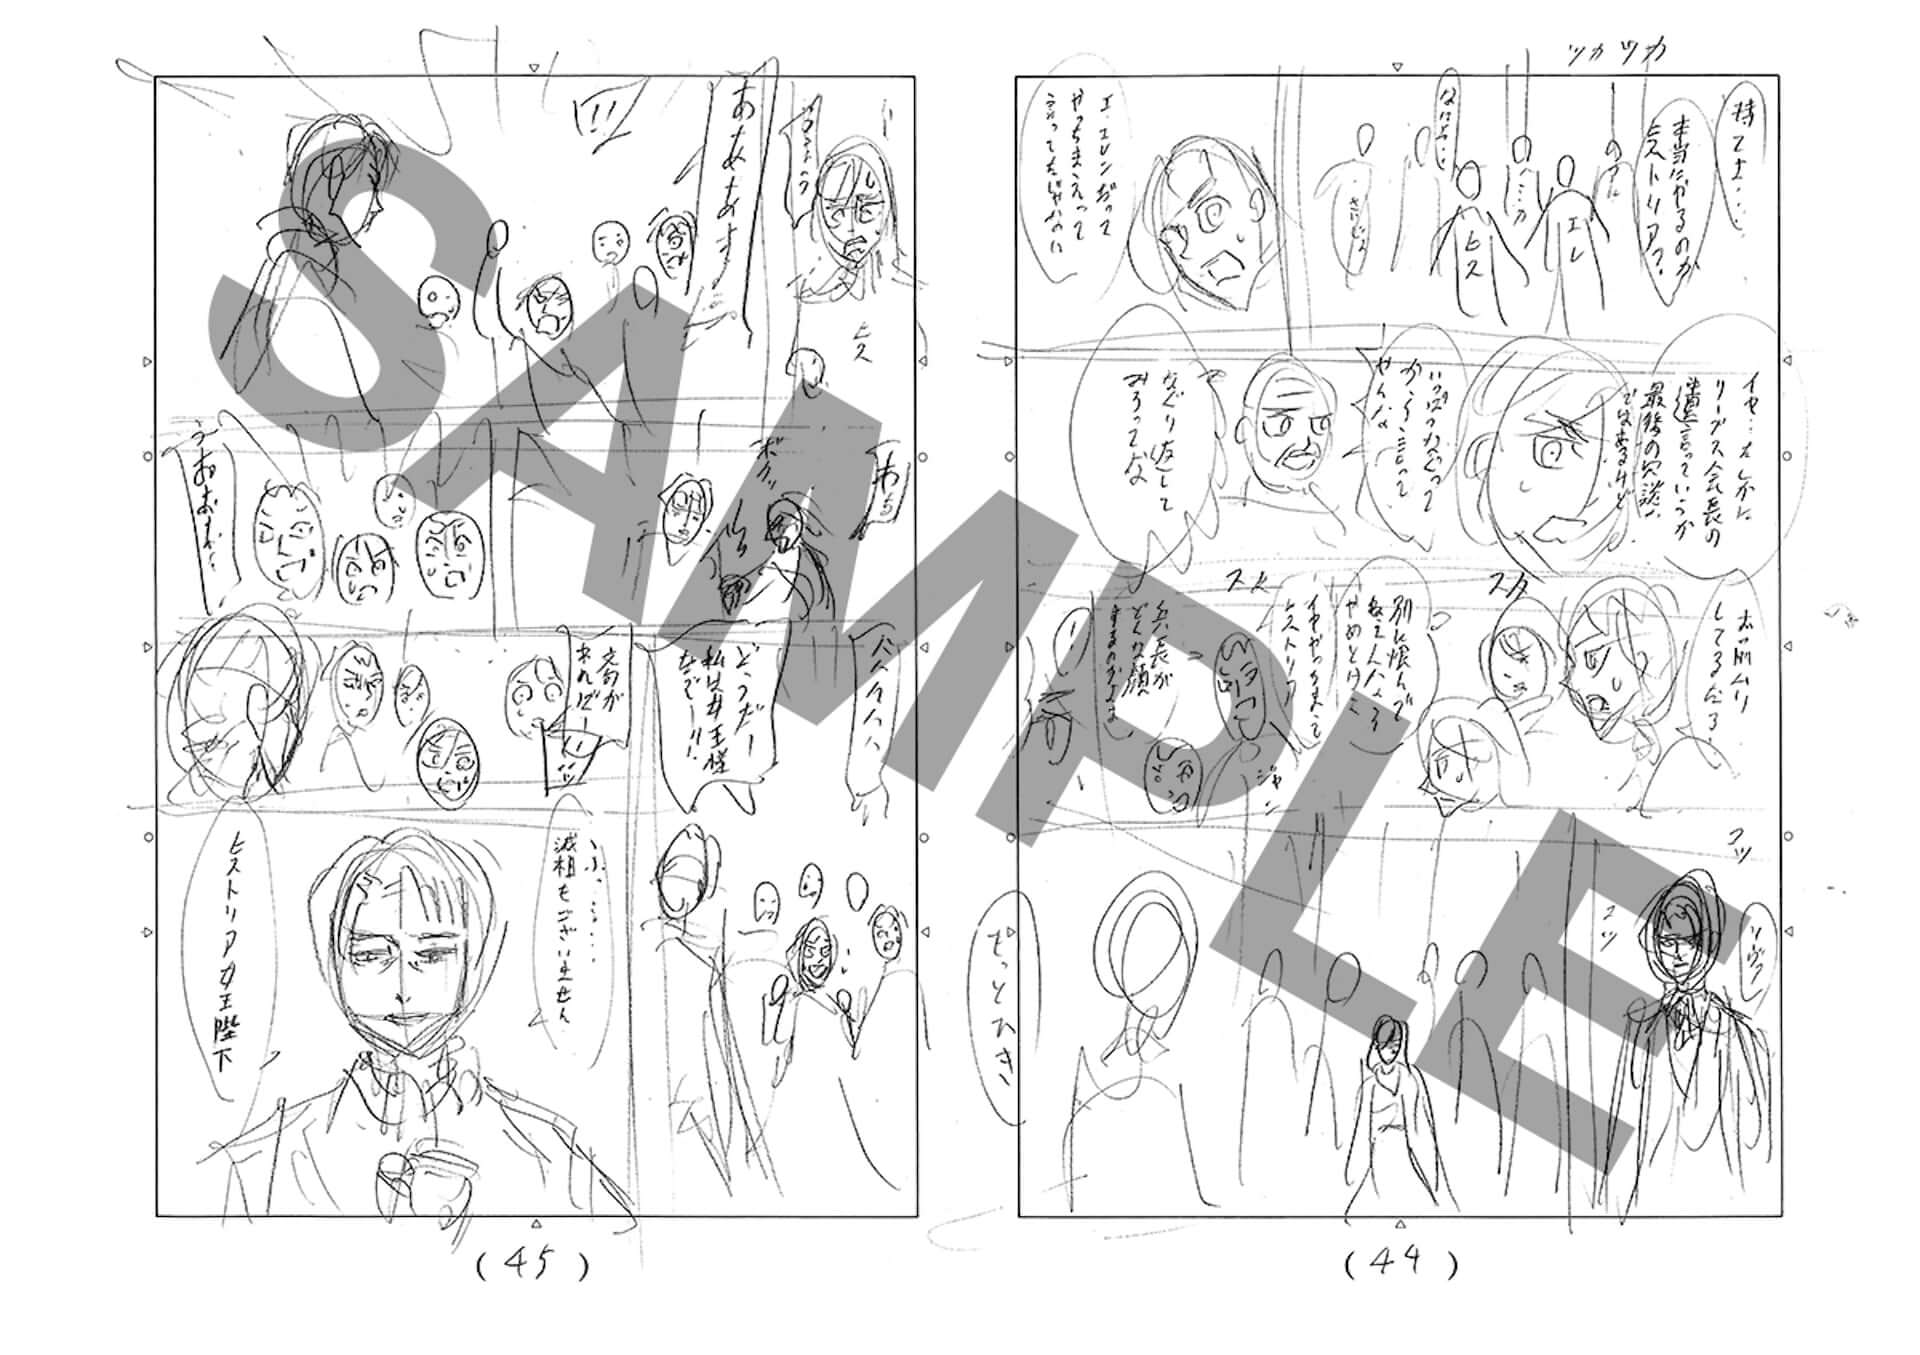 進撃の巨人がひらパーに襲来!<進撃の巨人展FINALinひらかたパーク>が開催|大阪展限定描き下ろしアニメイラストも公開 art190913_shingekinokyojin_hirakata_25-1920x1355